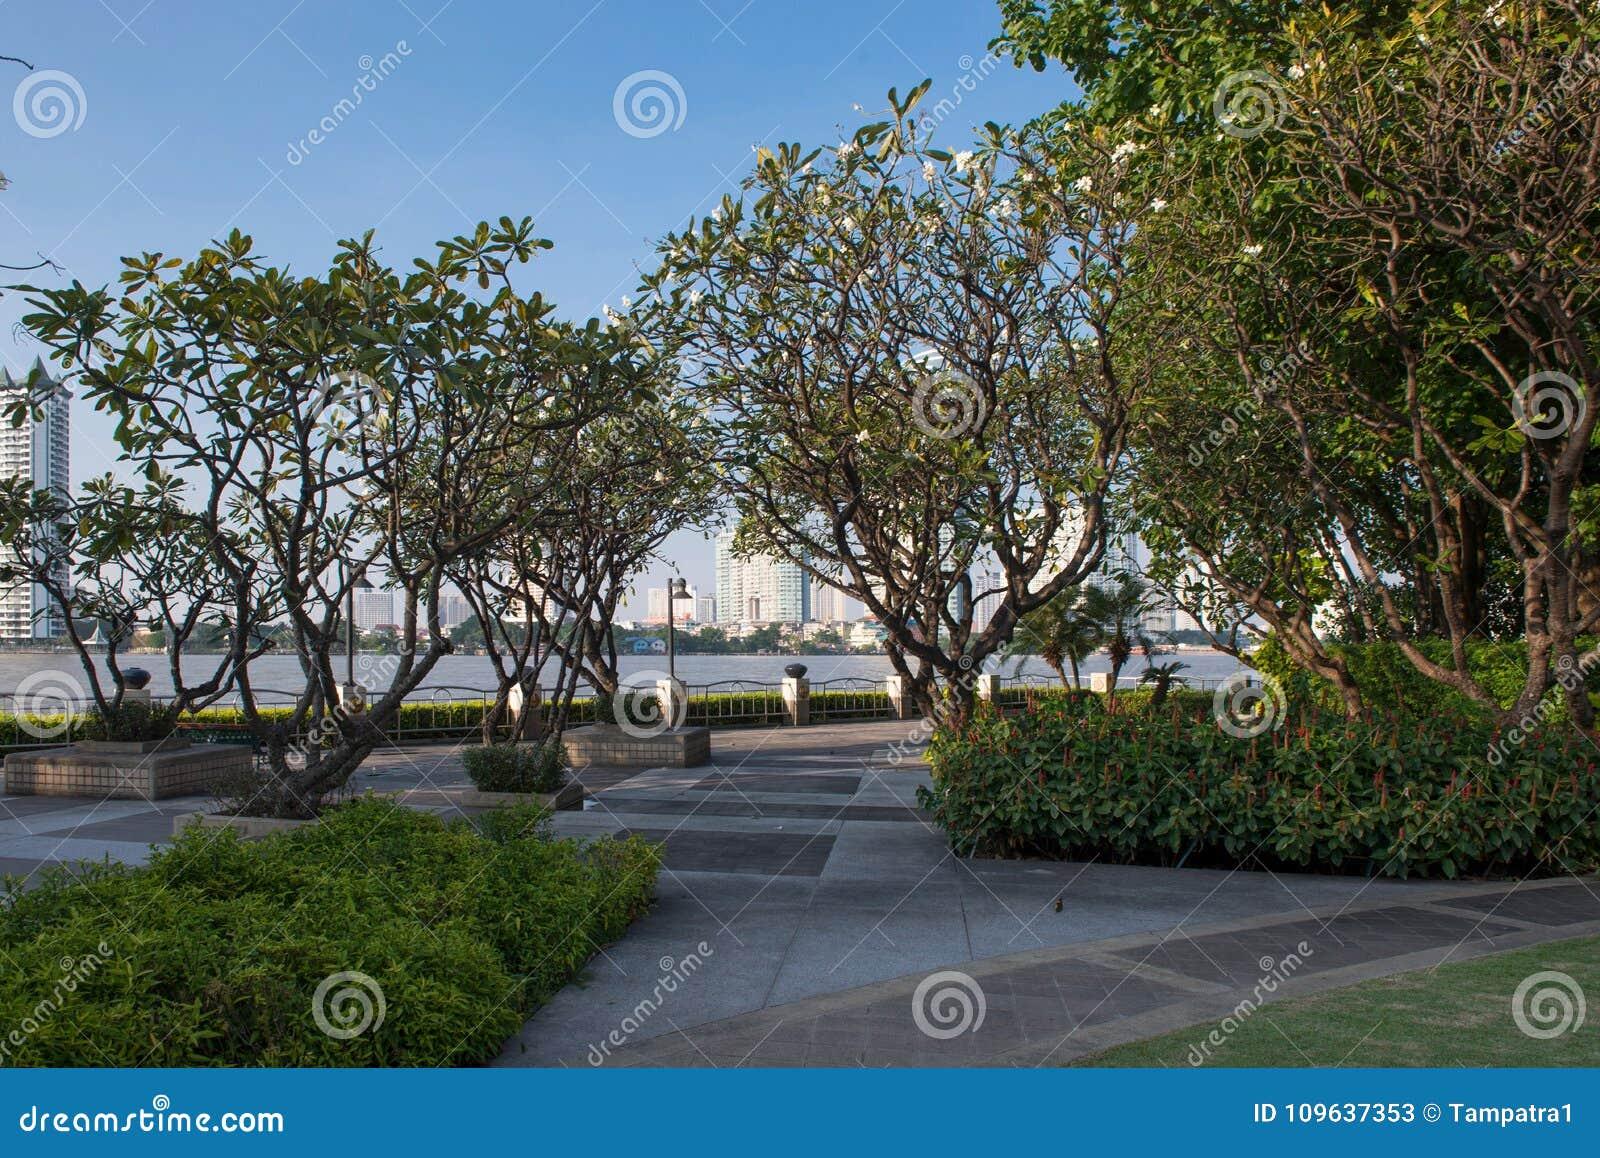 Parc public avec les arbres luxuriants et le ciel bleu